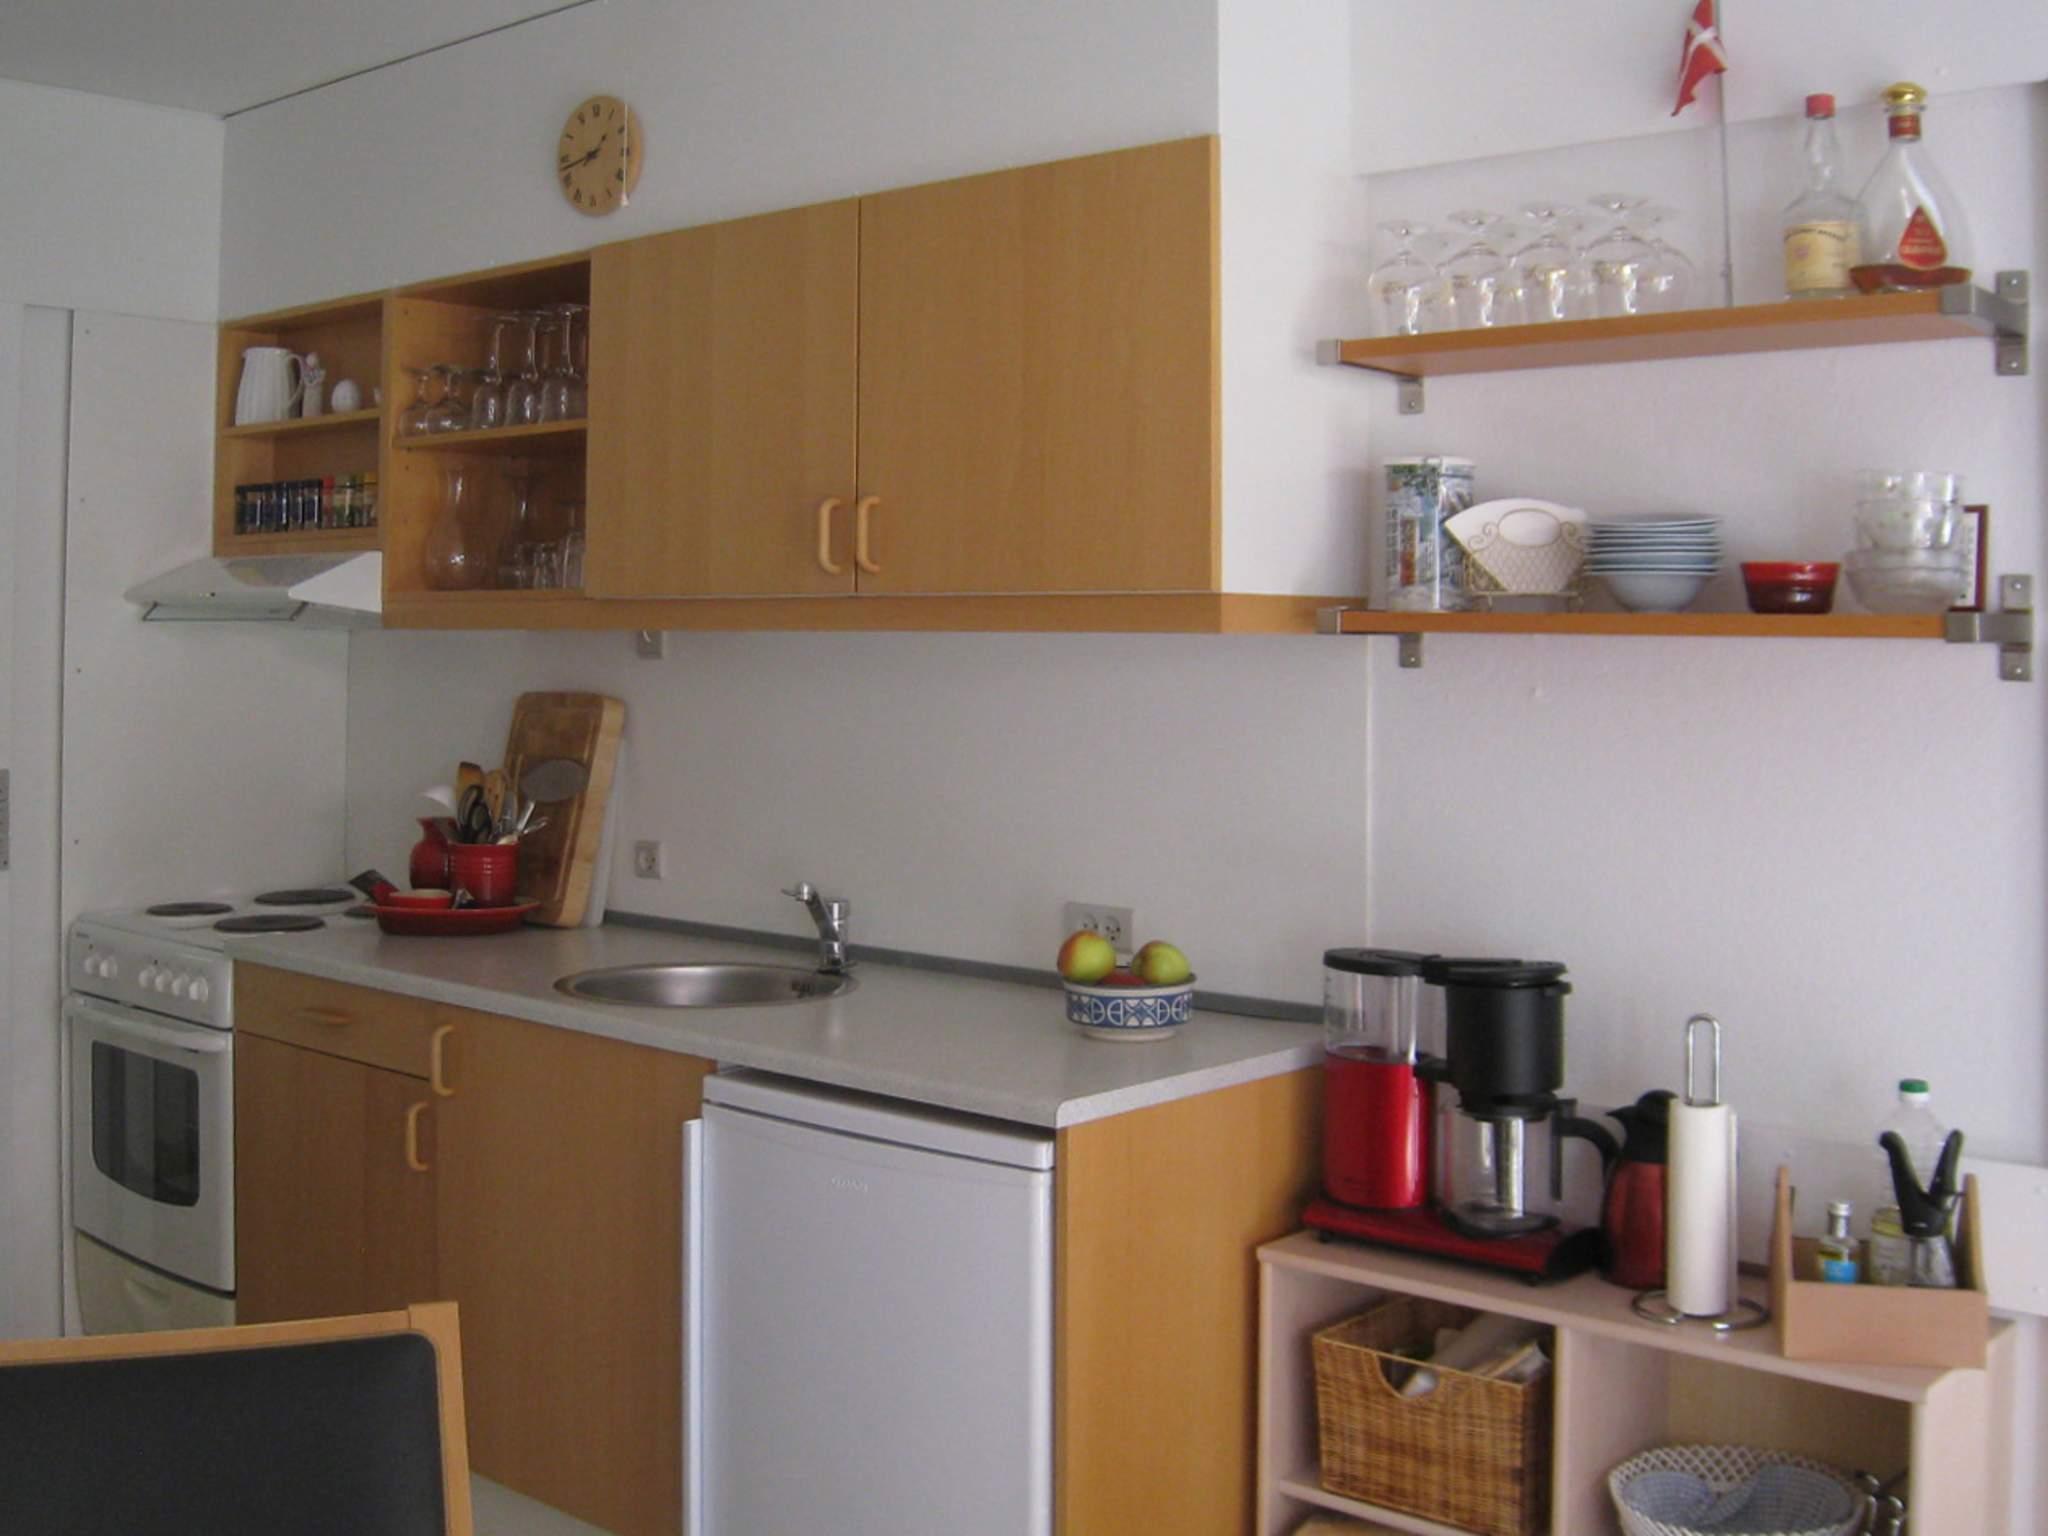 Ferienwohnung Hasle (670964), Hasle, , Bornholm, Dänemark, Bild 6